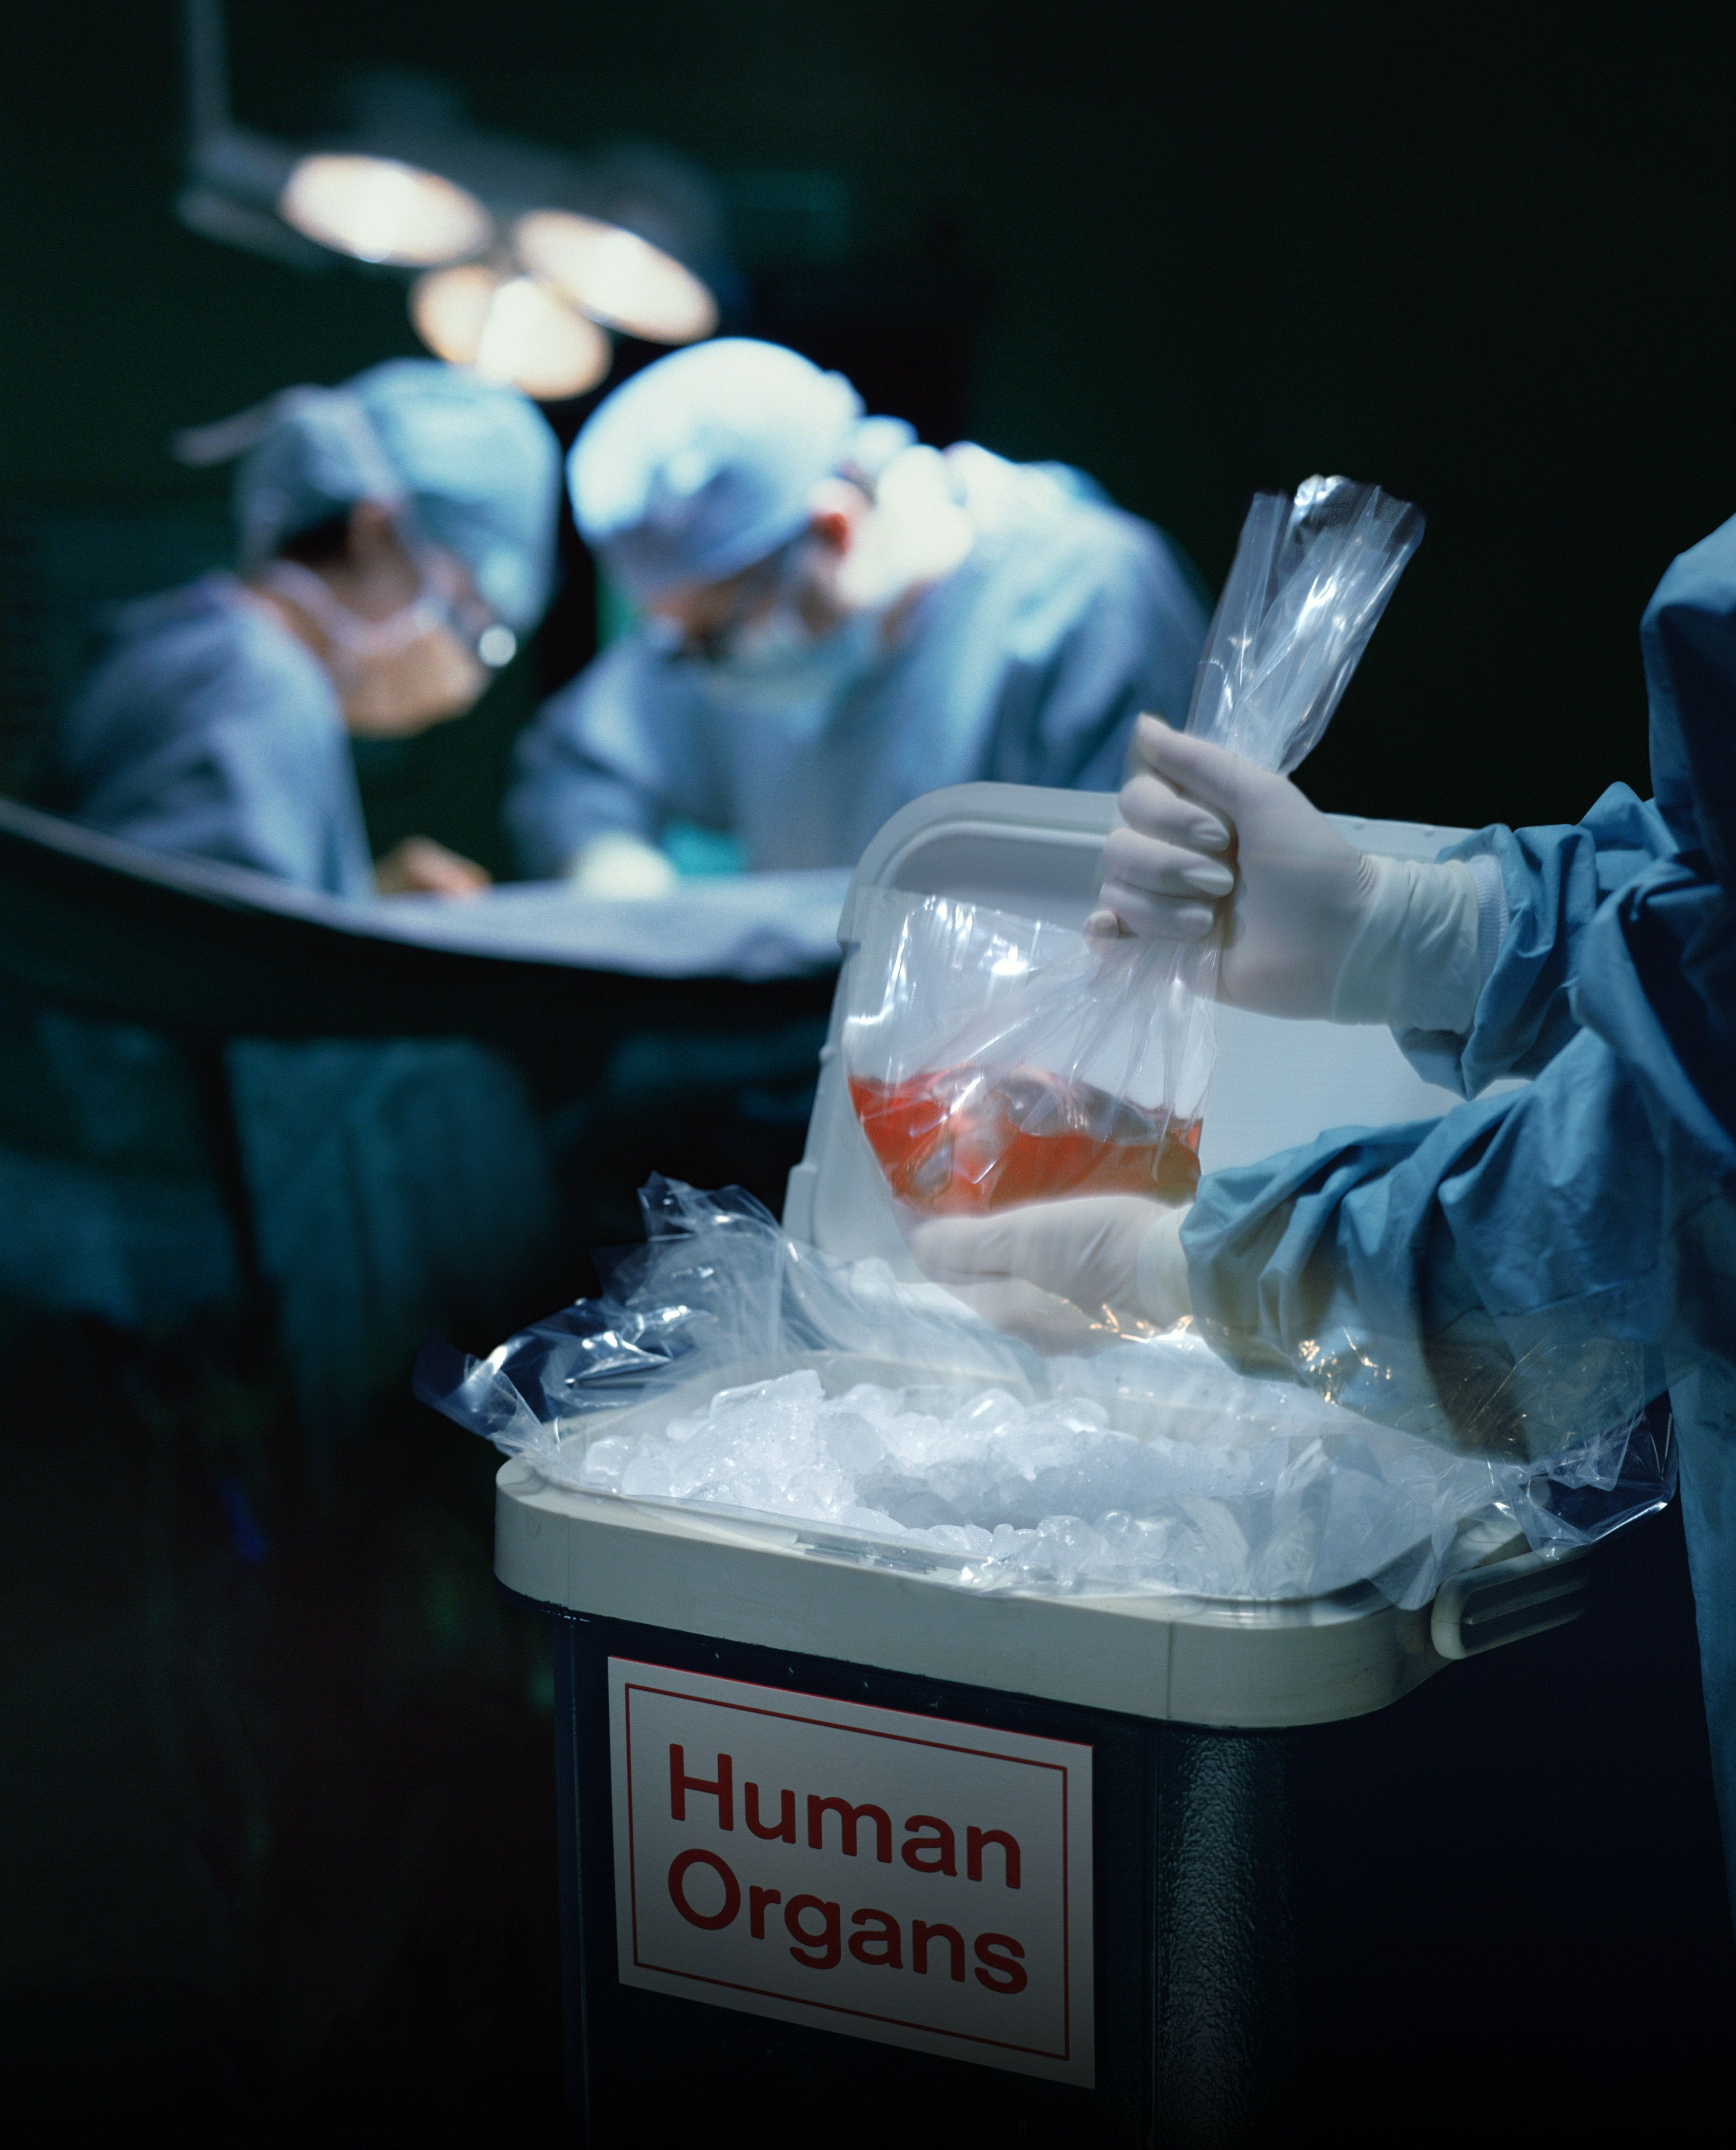 Tunisie- Greffe rénale: Plus de 1300 patients